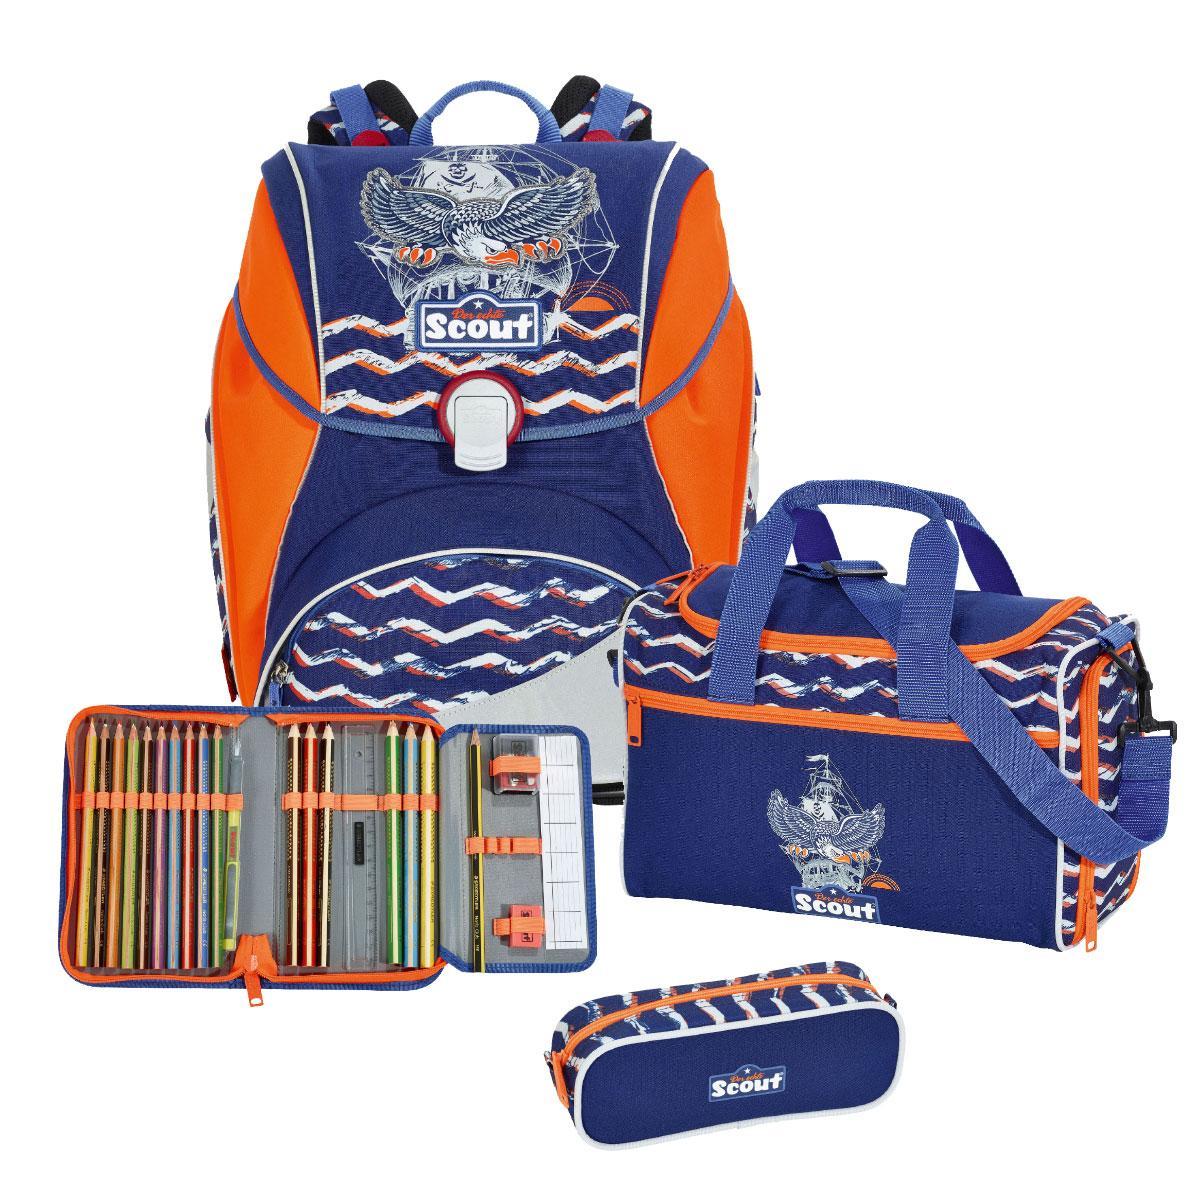 Scout shop online